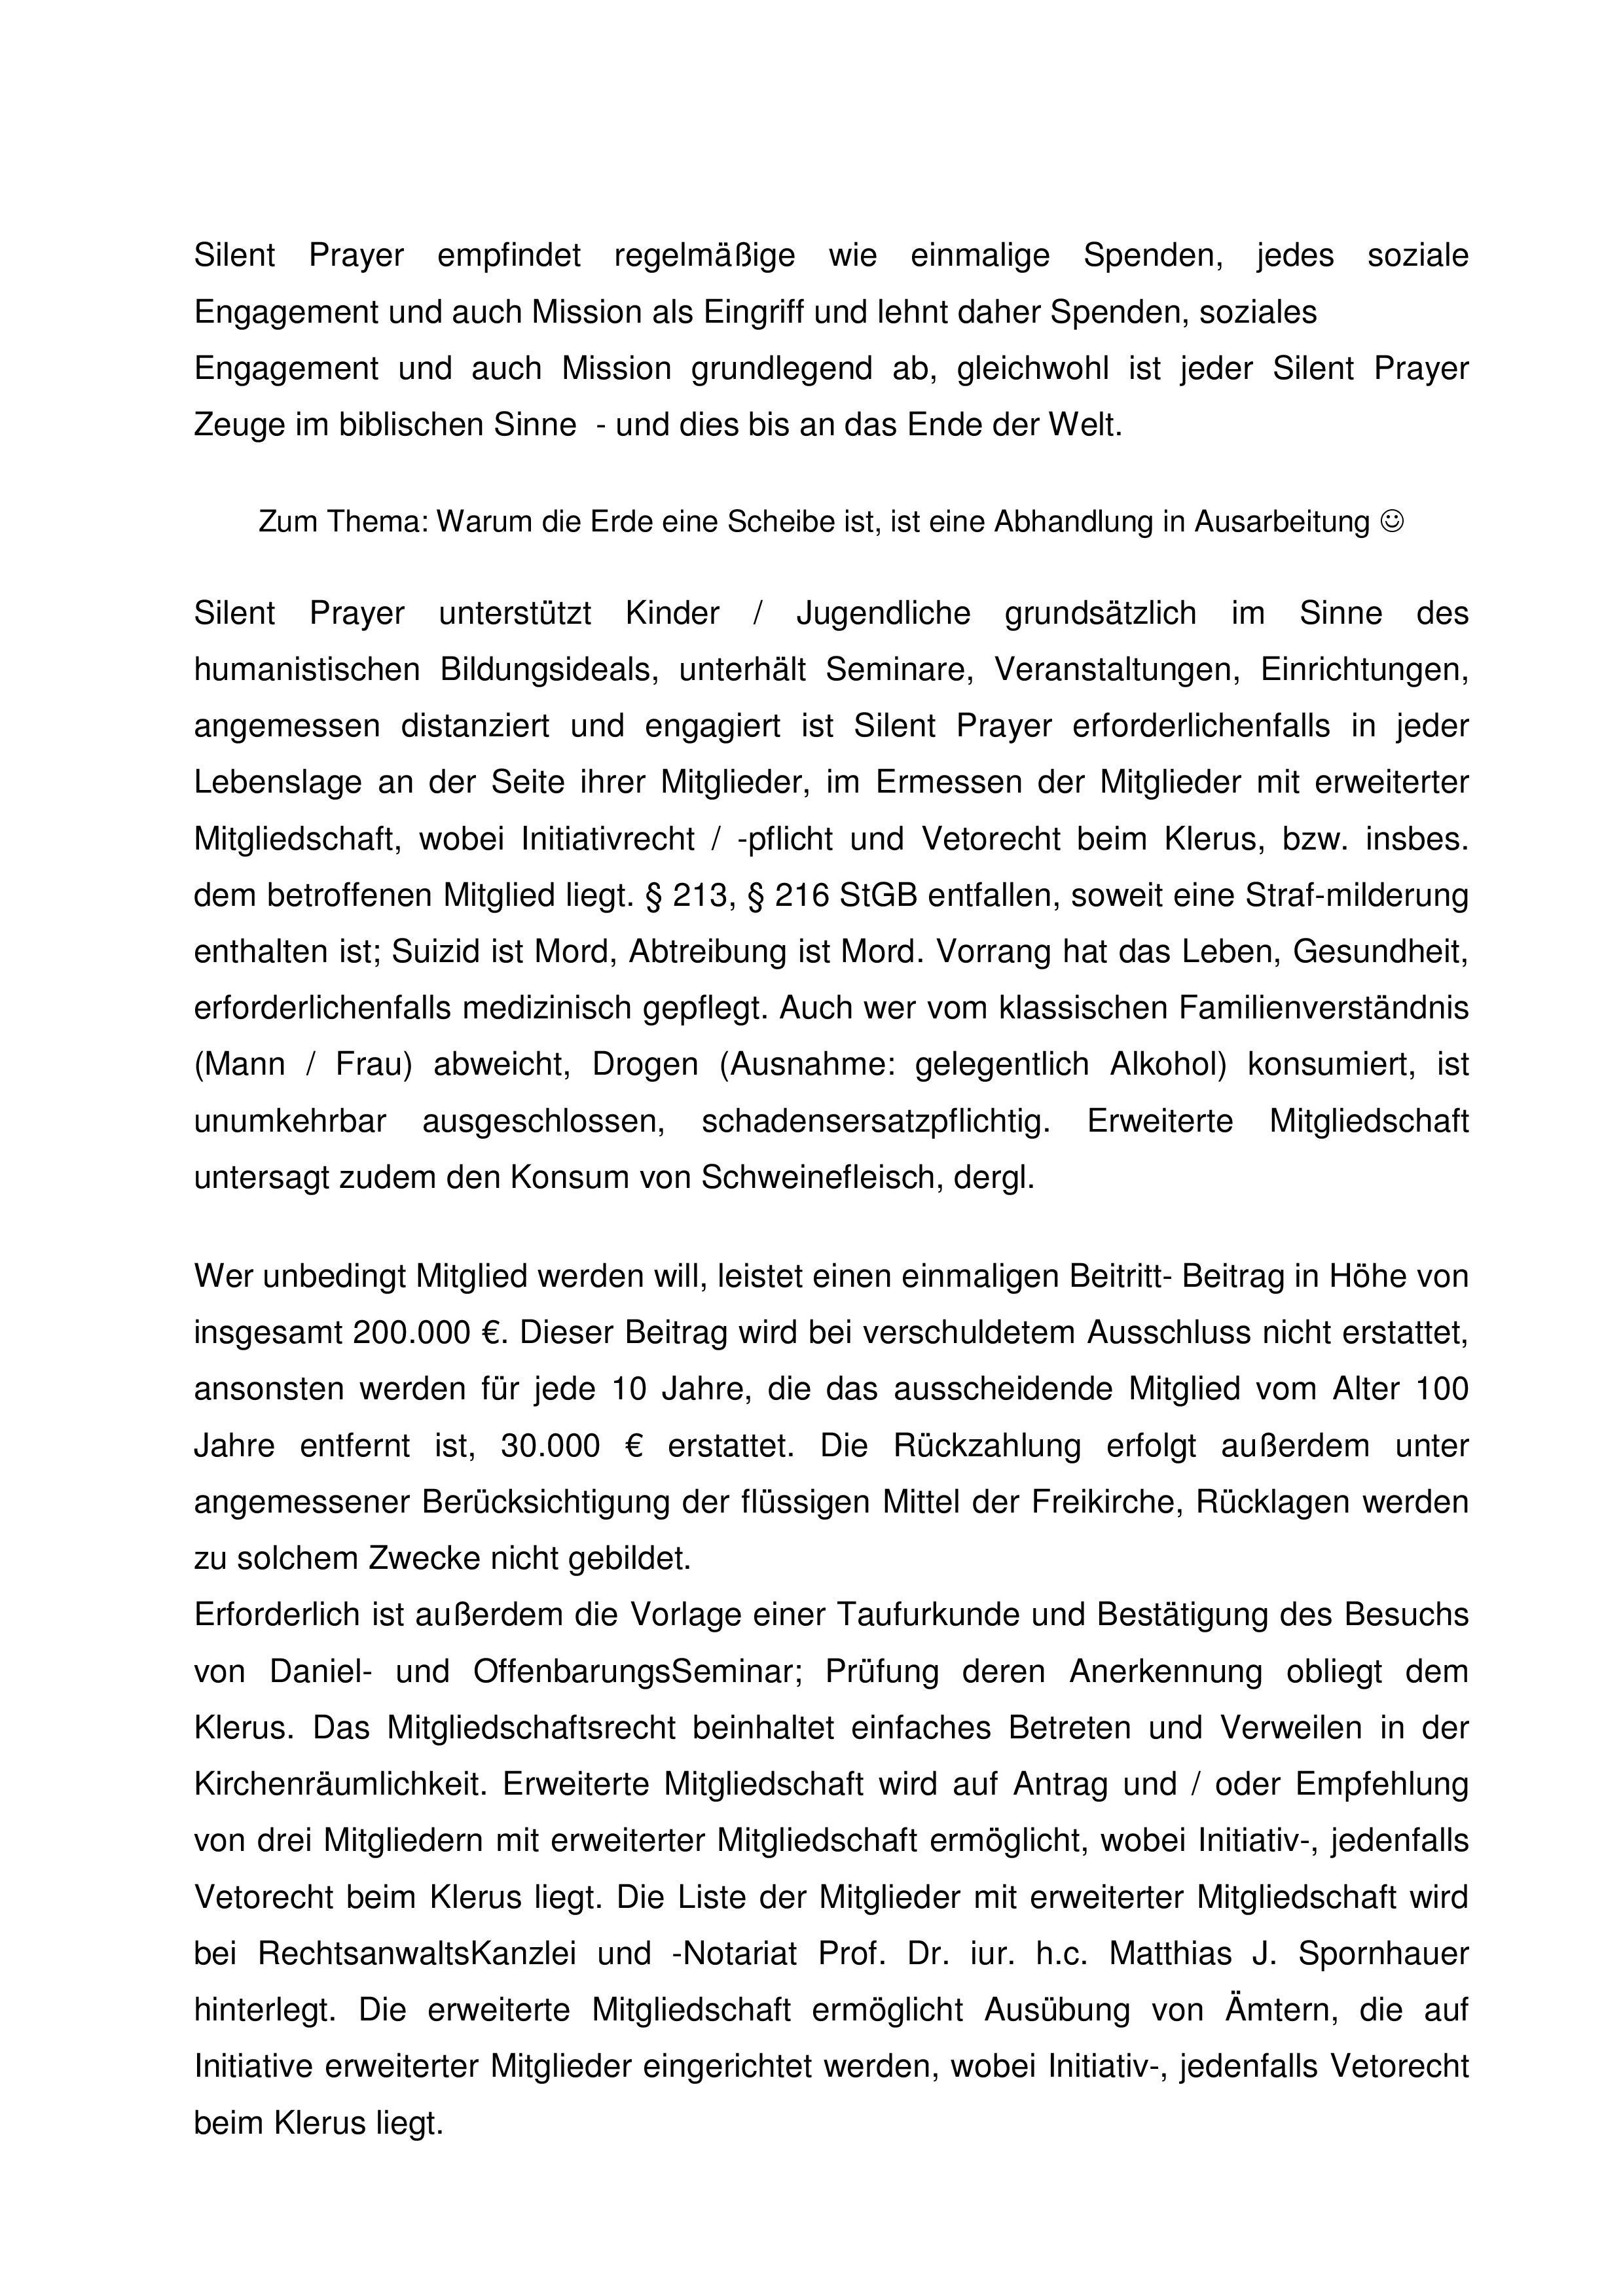 Ausgezeichnet Bestätigung Der Flüssigen Mittel Bilder - Bilder für ...